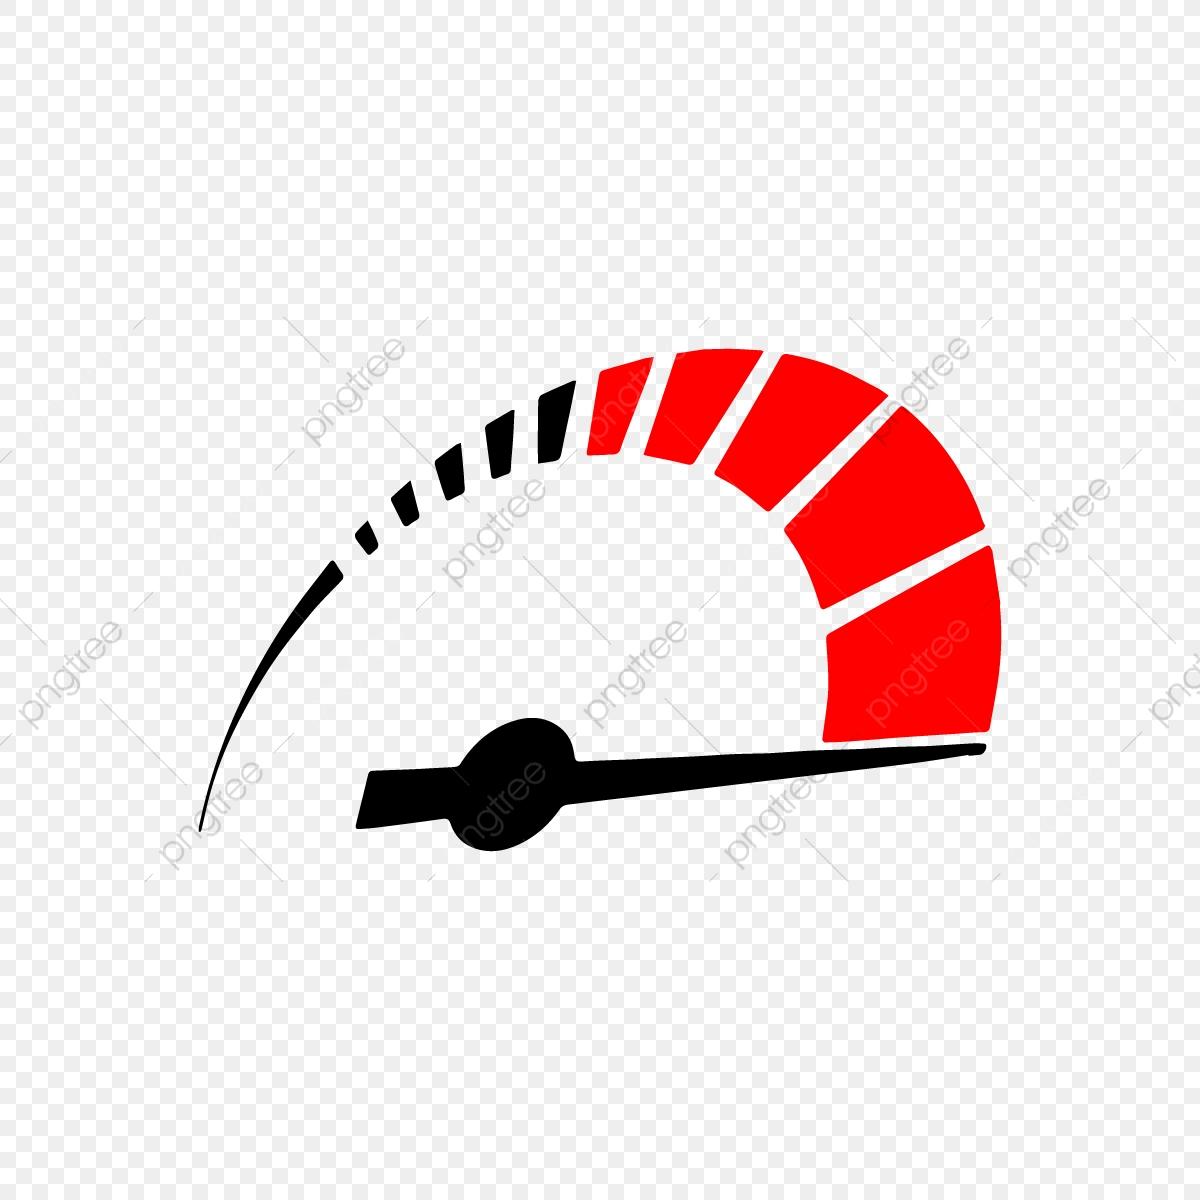 Speed Meter For Automobile Car Or Byke, Meter, Speed Meter, Byke.